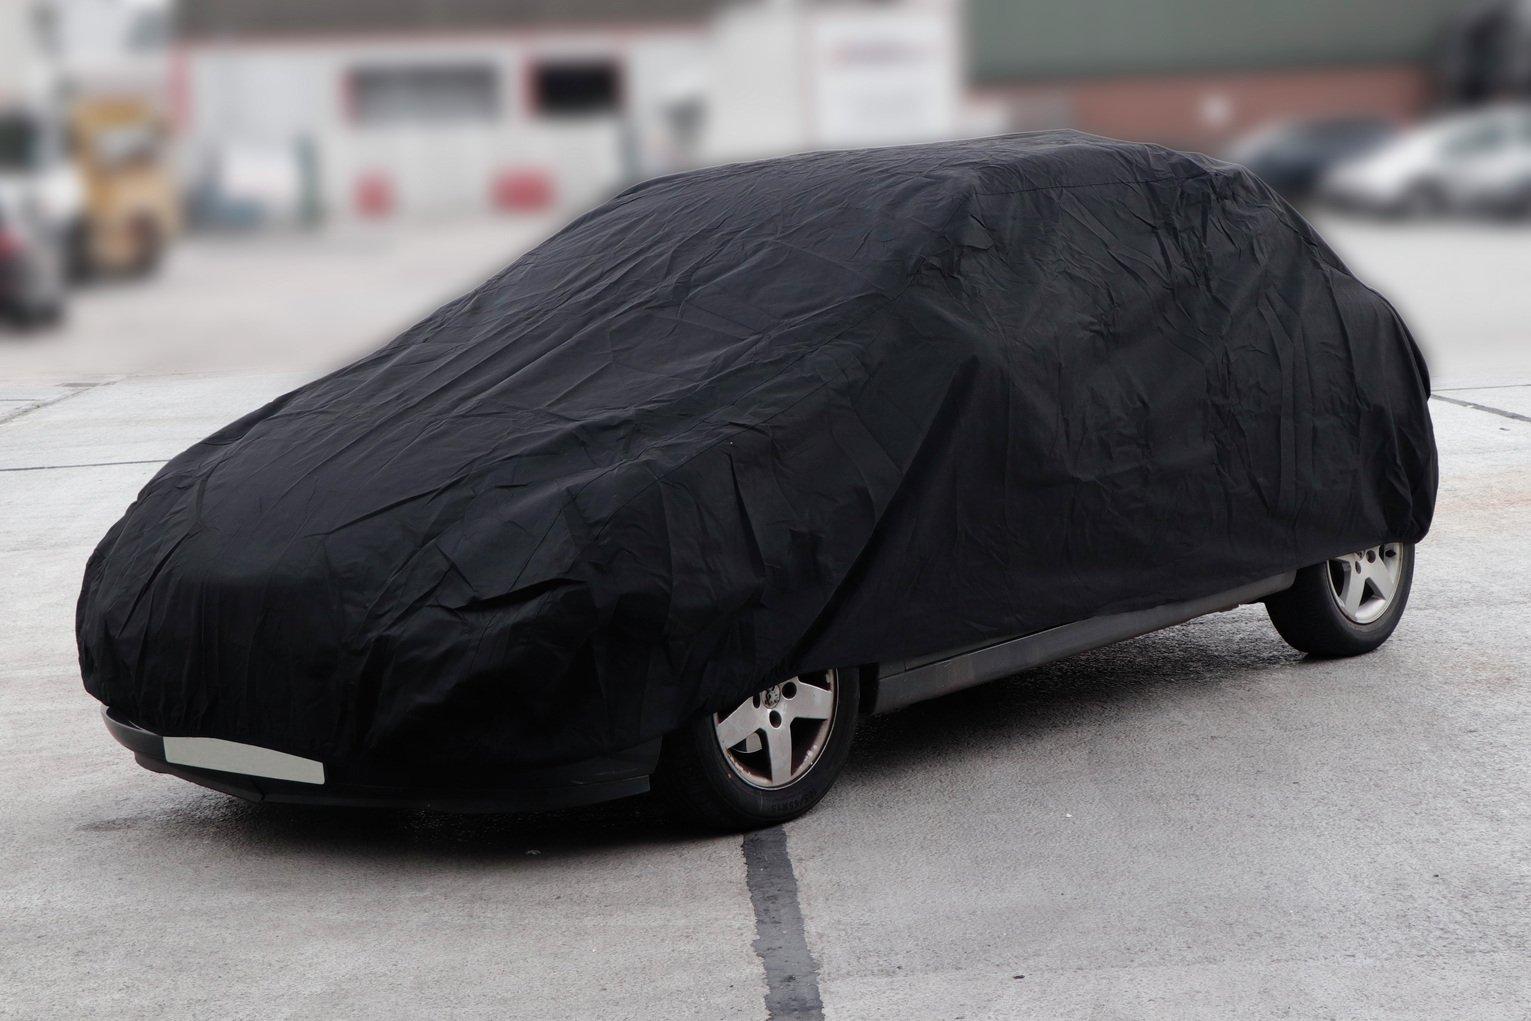 Streetwize Full Car Cover - Medium